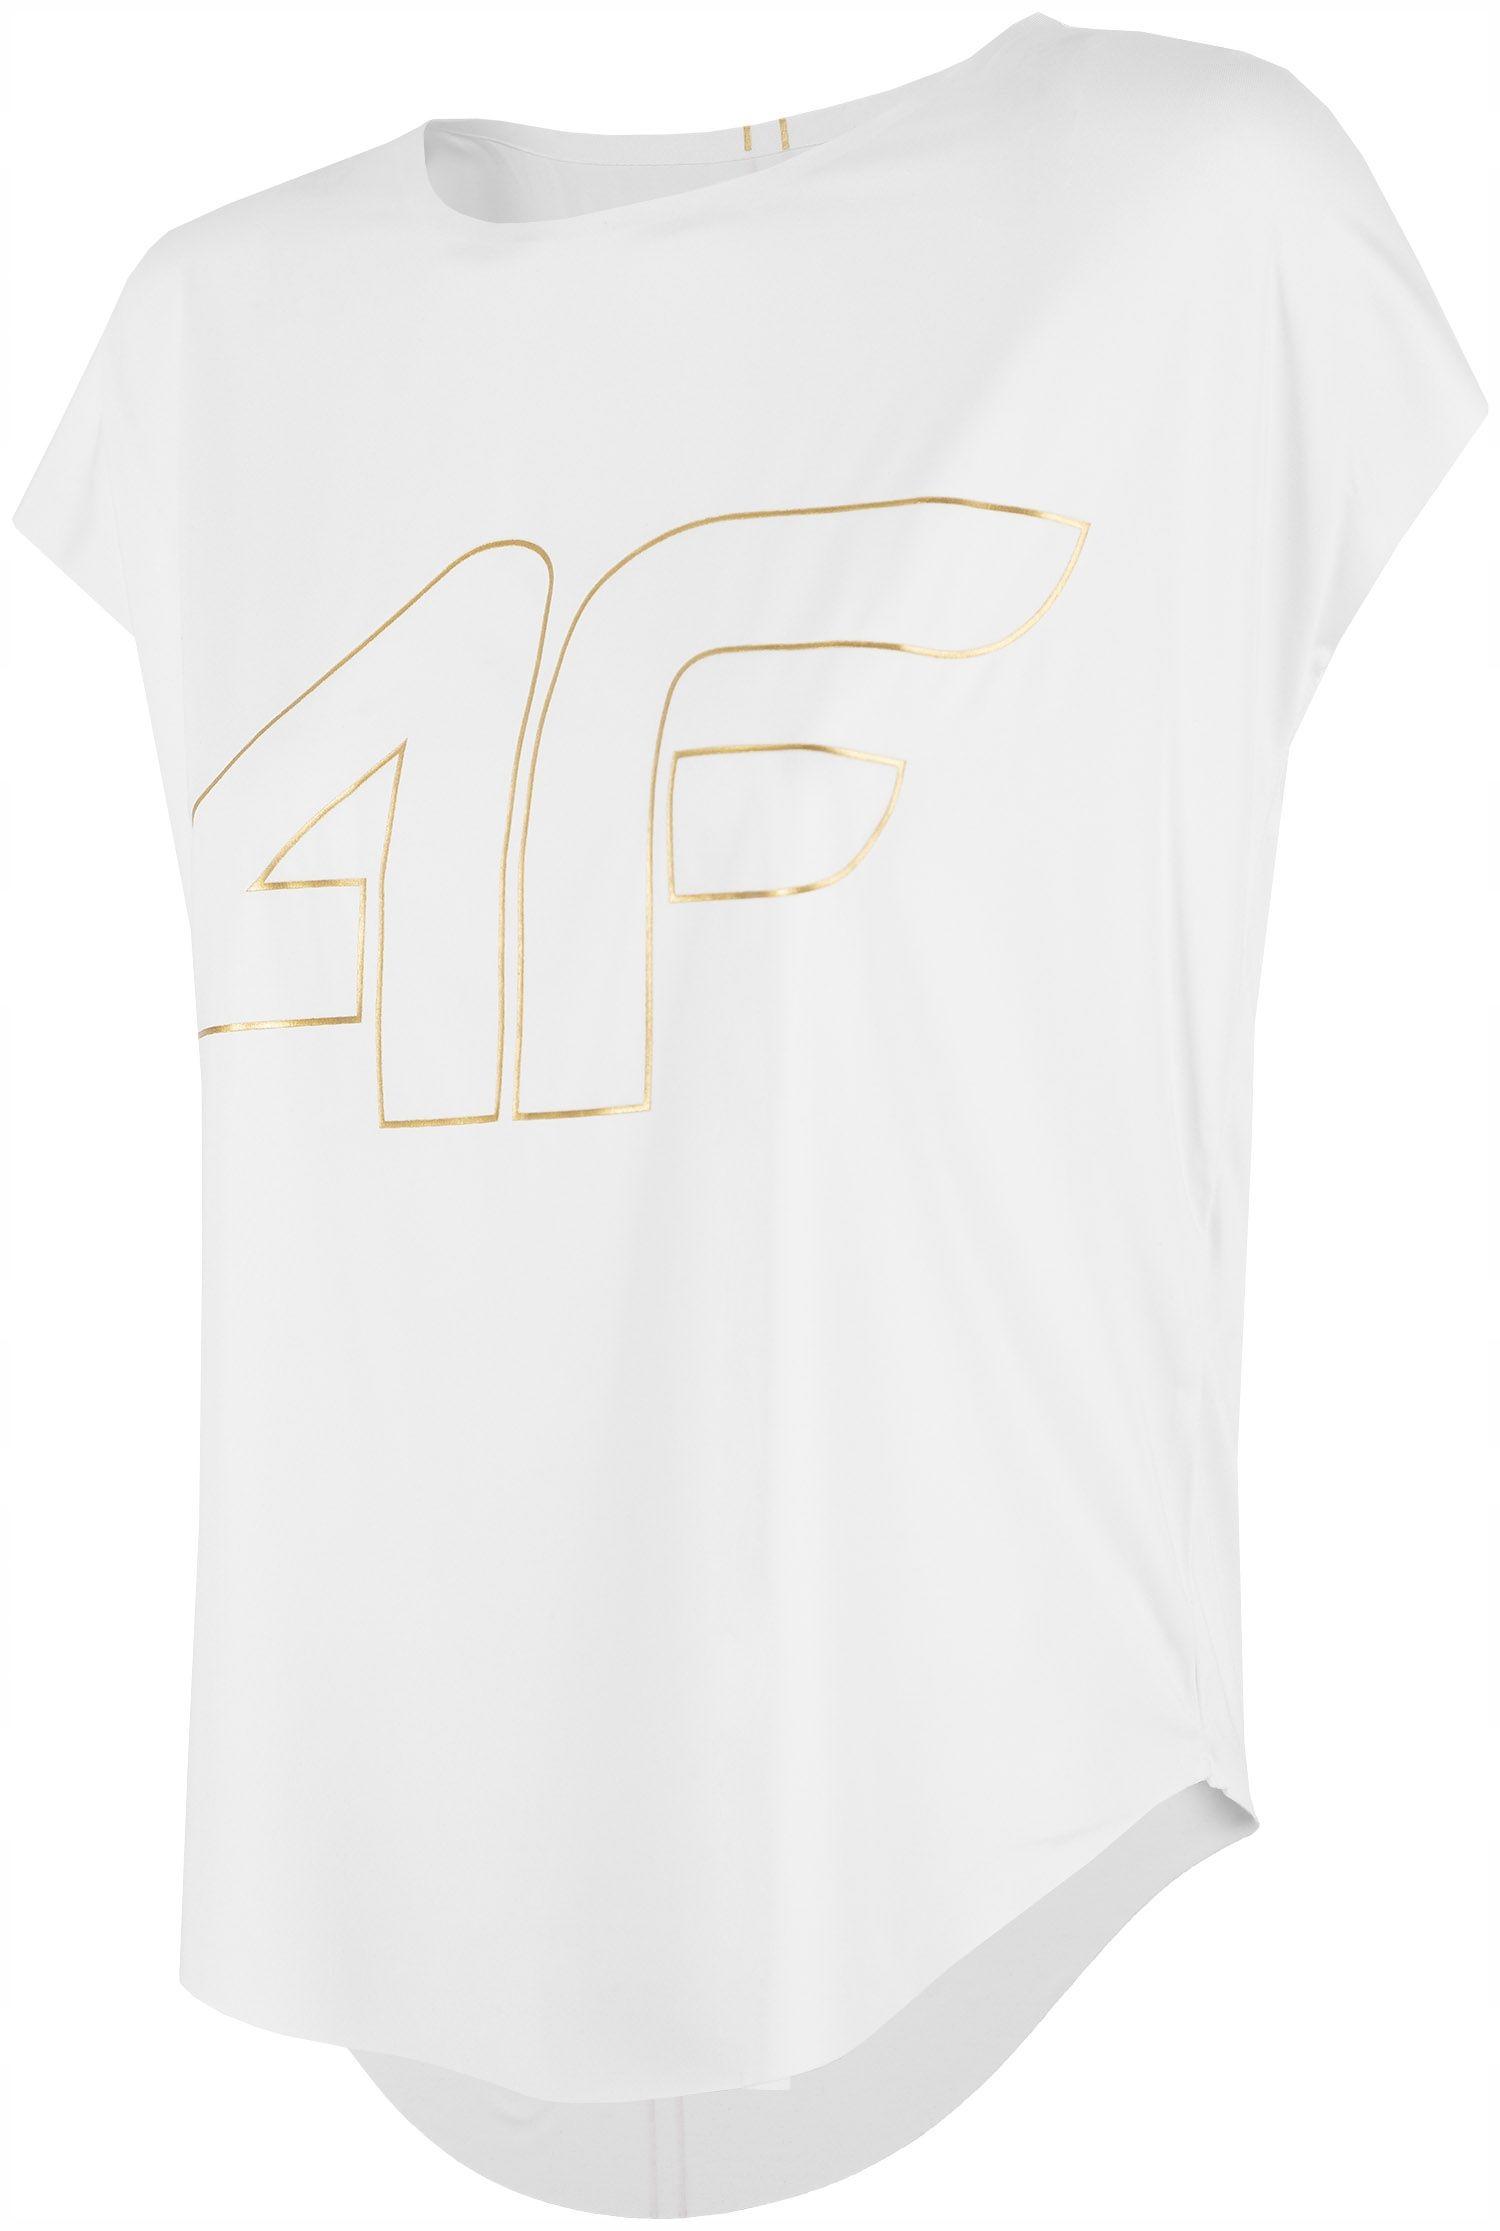 4F Koszulka treningowa damska TSDF005 M